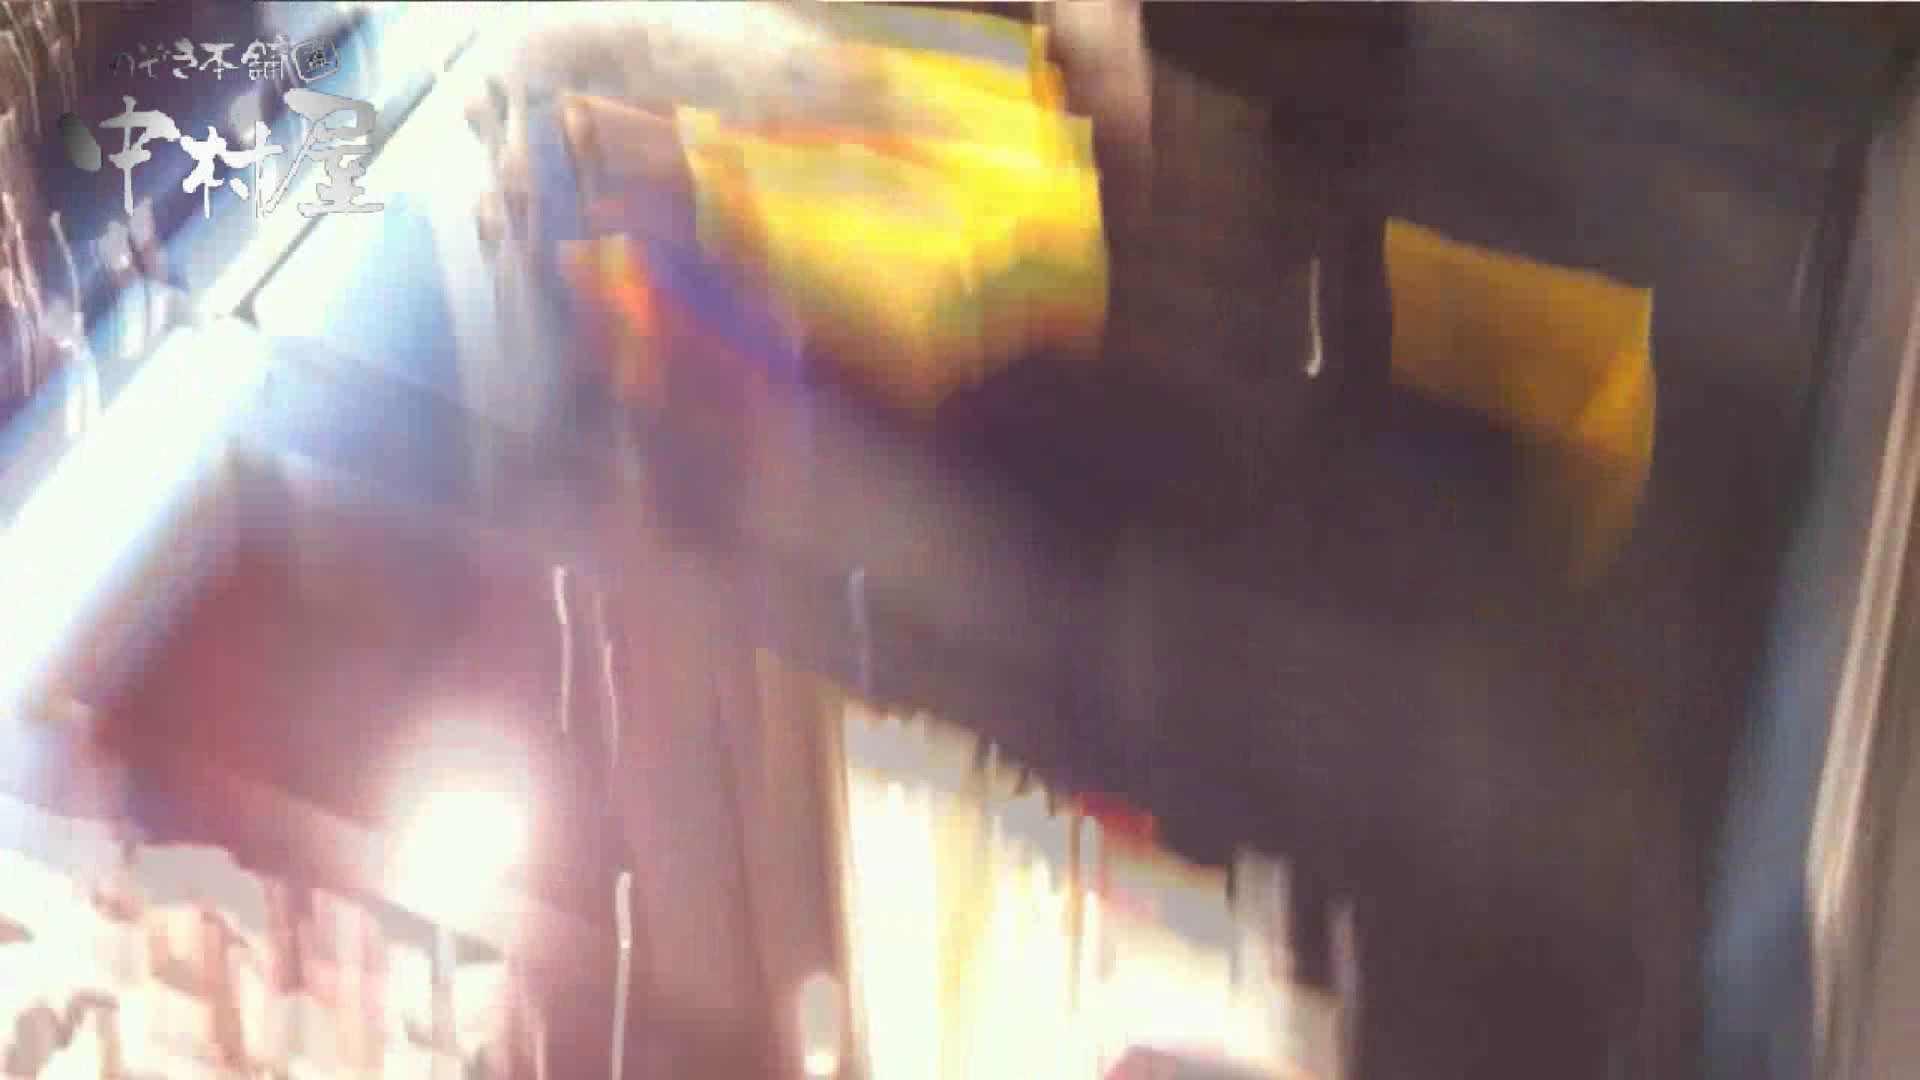 vol.48可愛いカリスマ店員胸チラ&パンチラ アニメ声の店員さん パンチラ  110画像 95